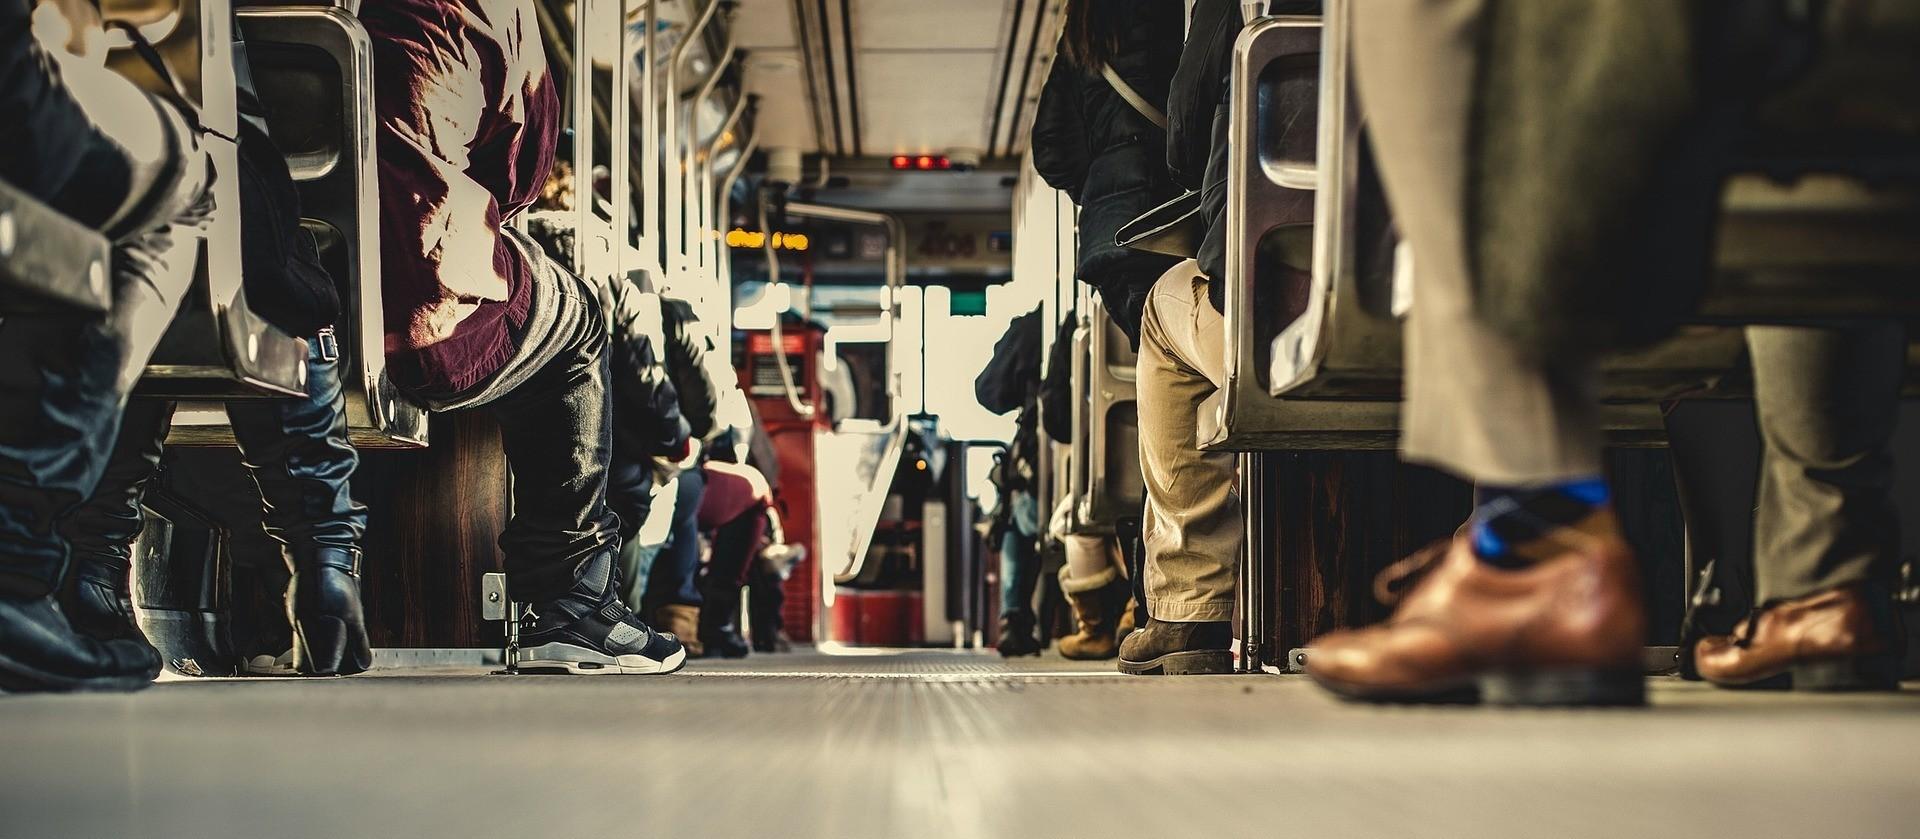 Redução de passageiros causa dificuldade financeira para os modos de alta capacidade